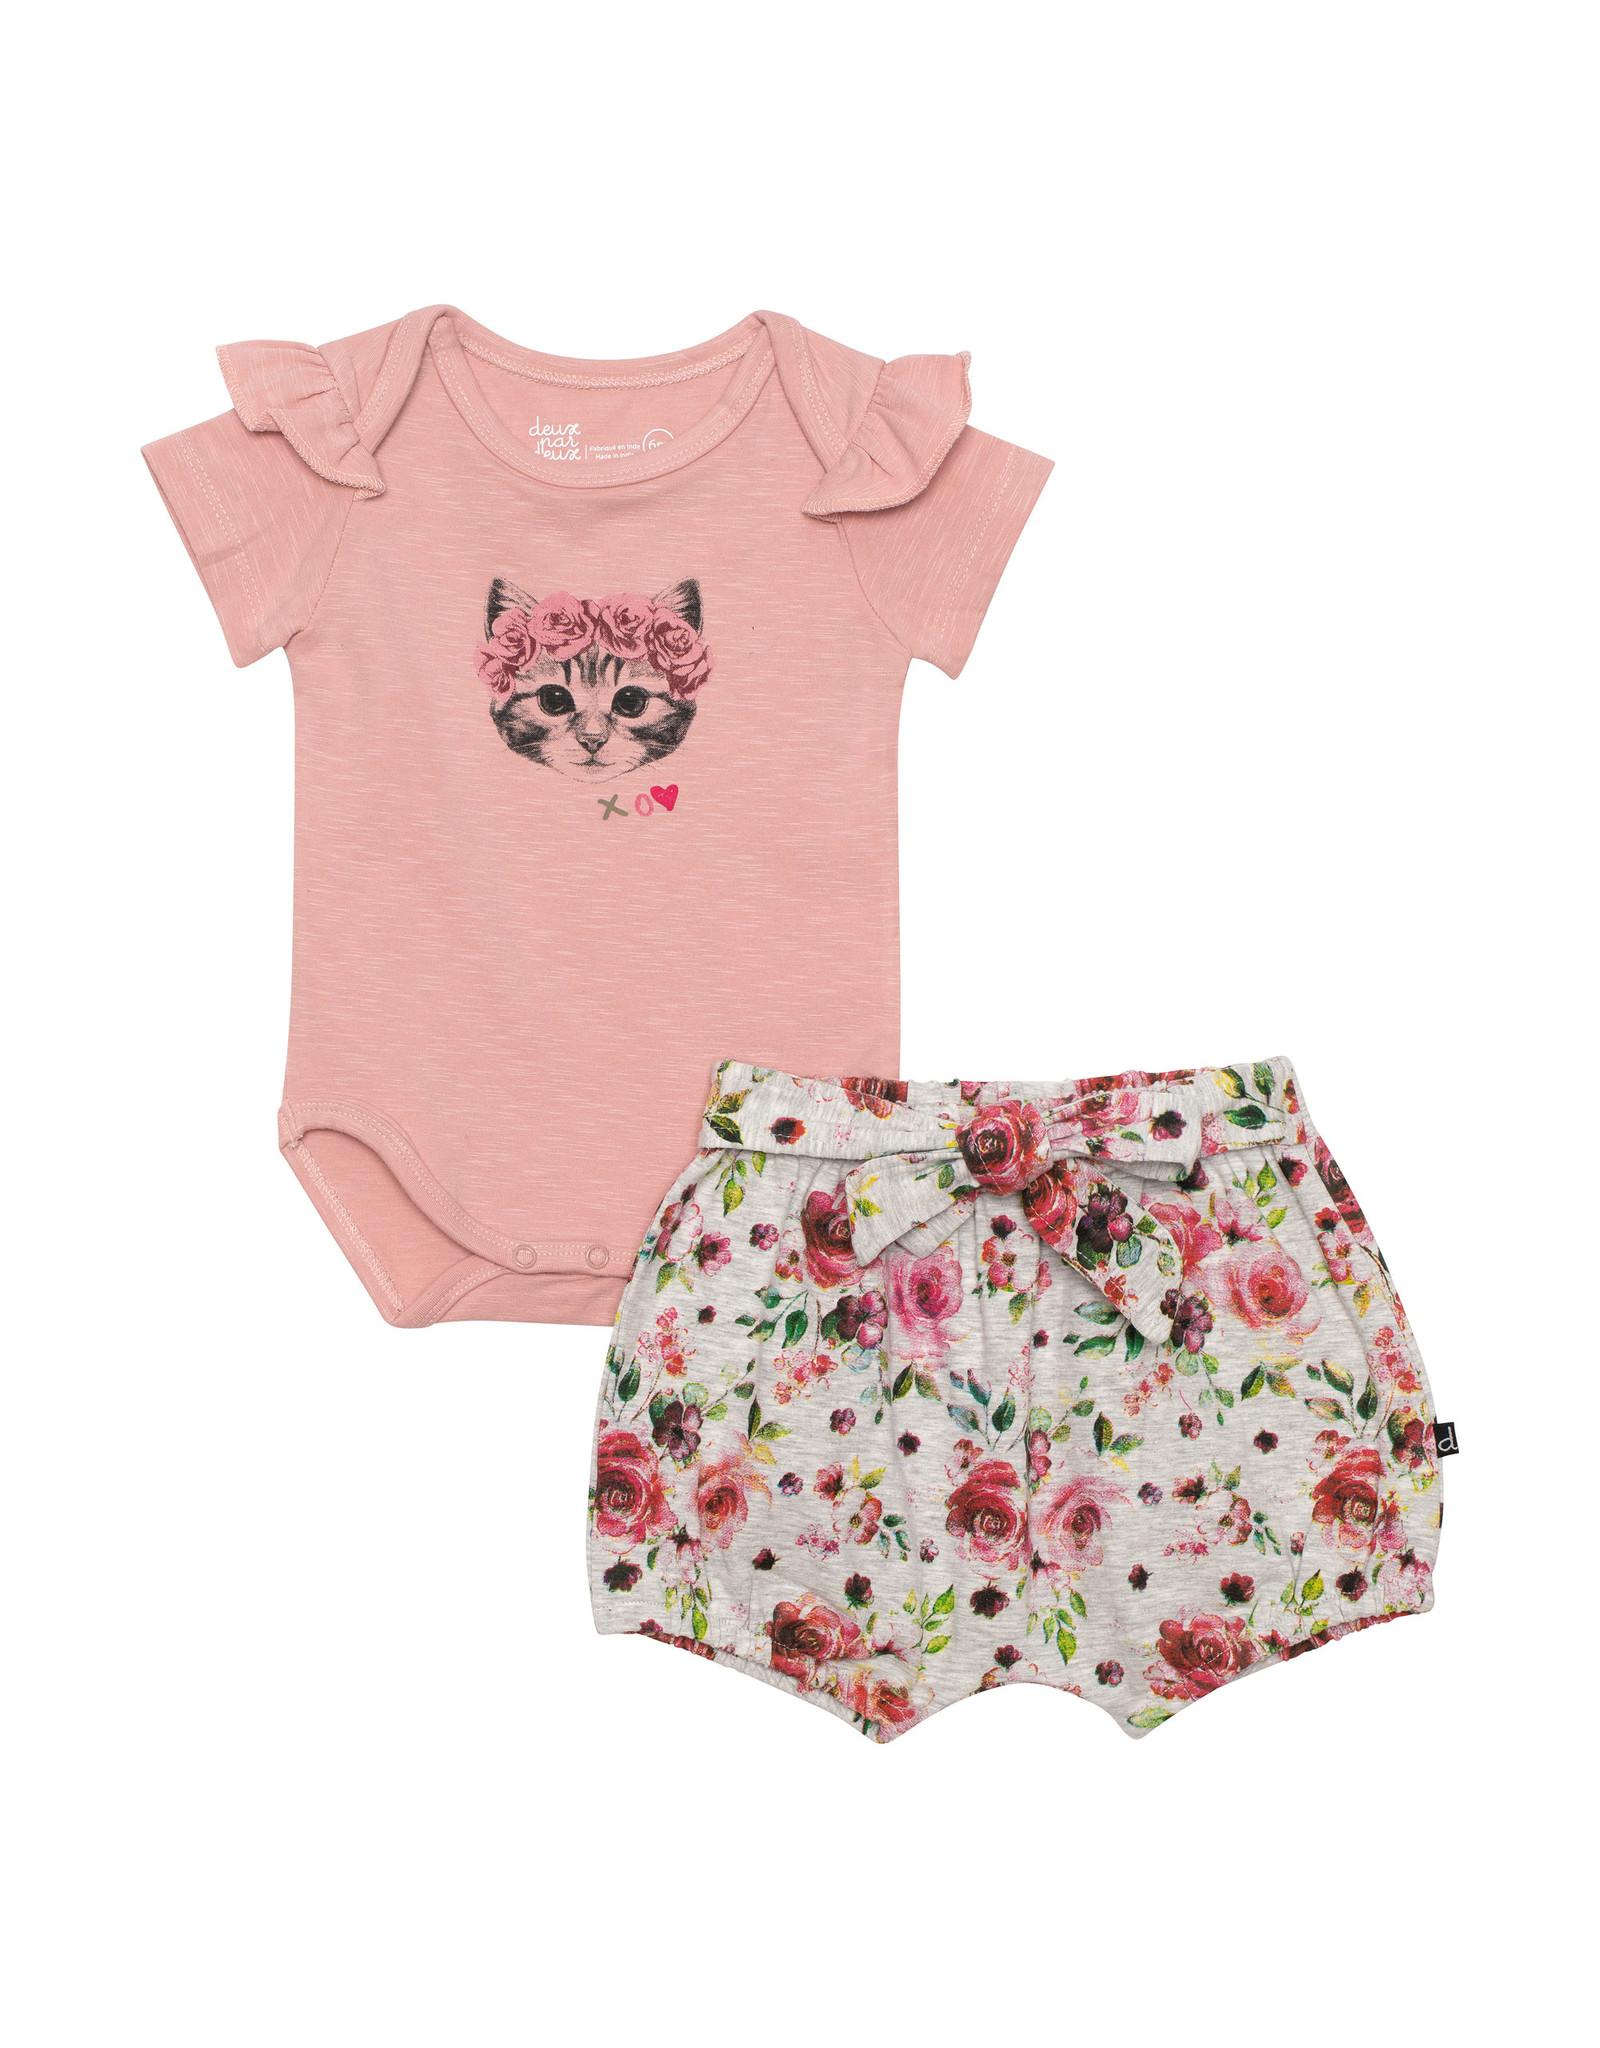 Deux Par Deux Pink Top and Floral Short Set